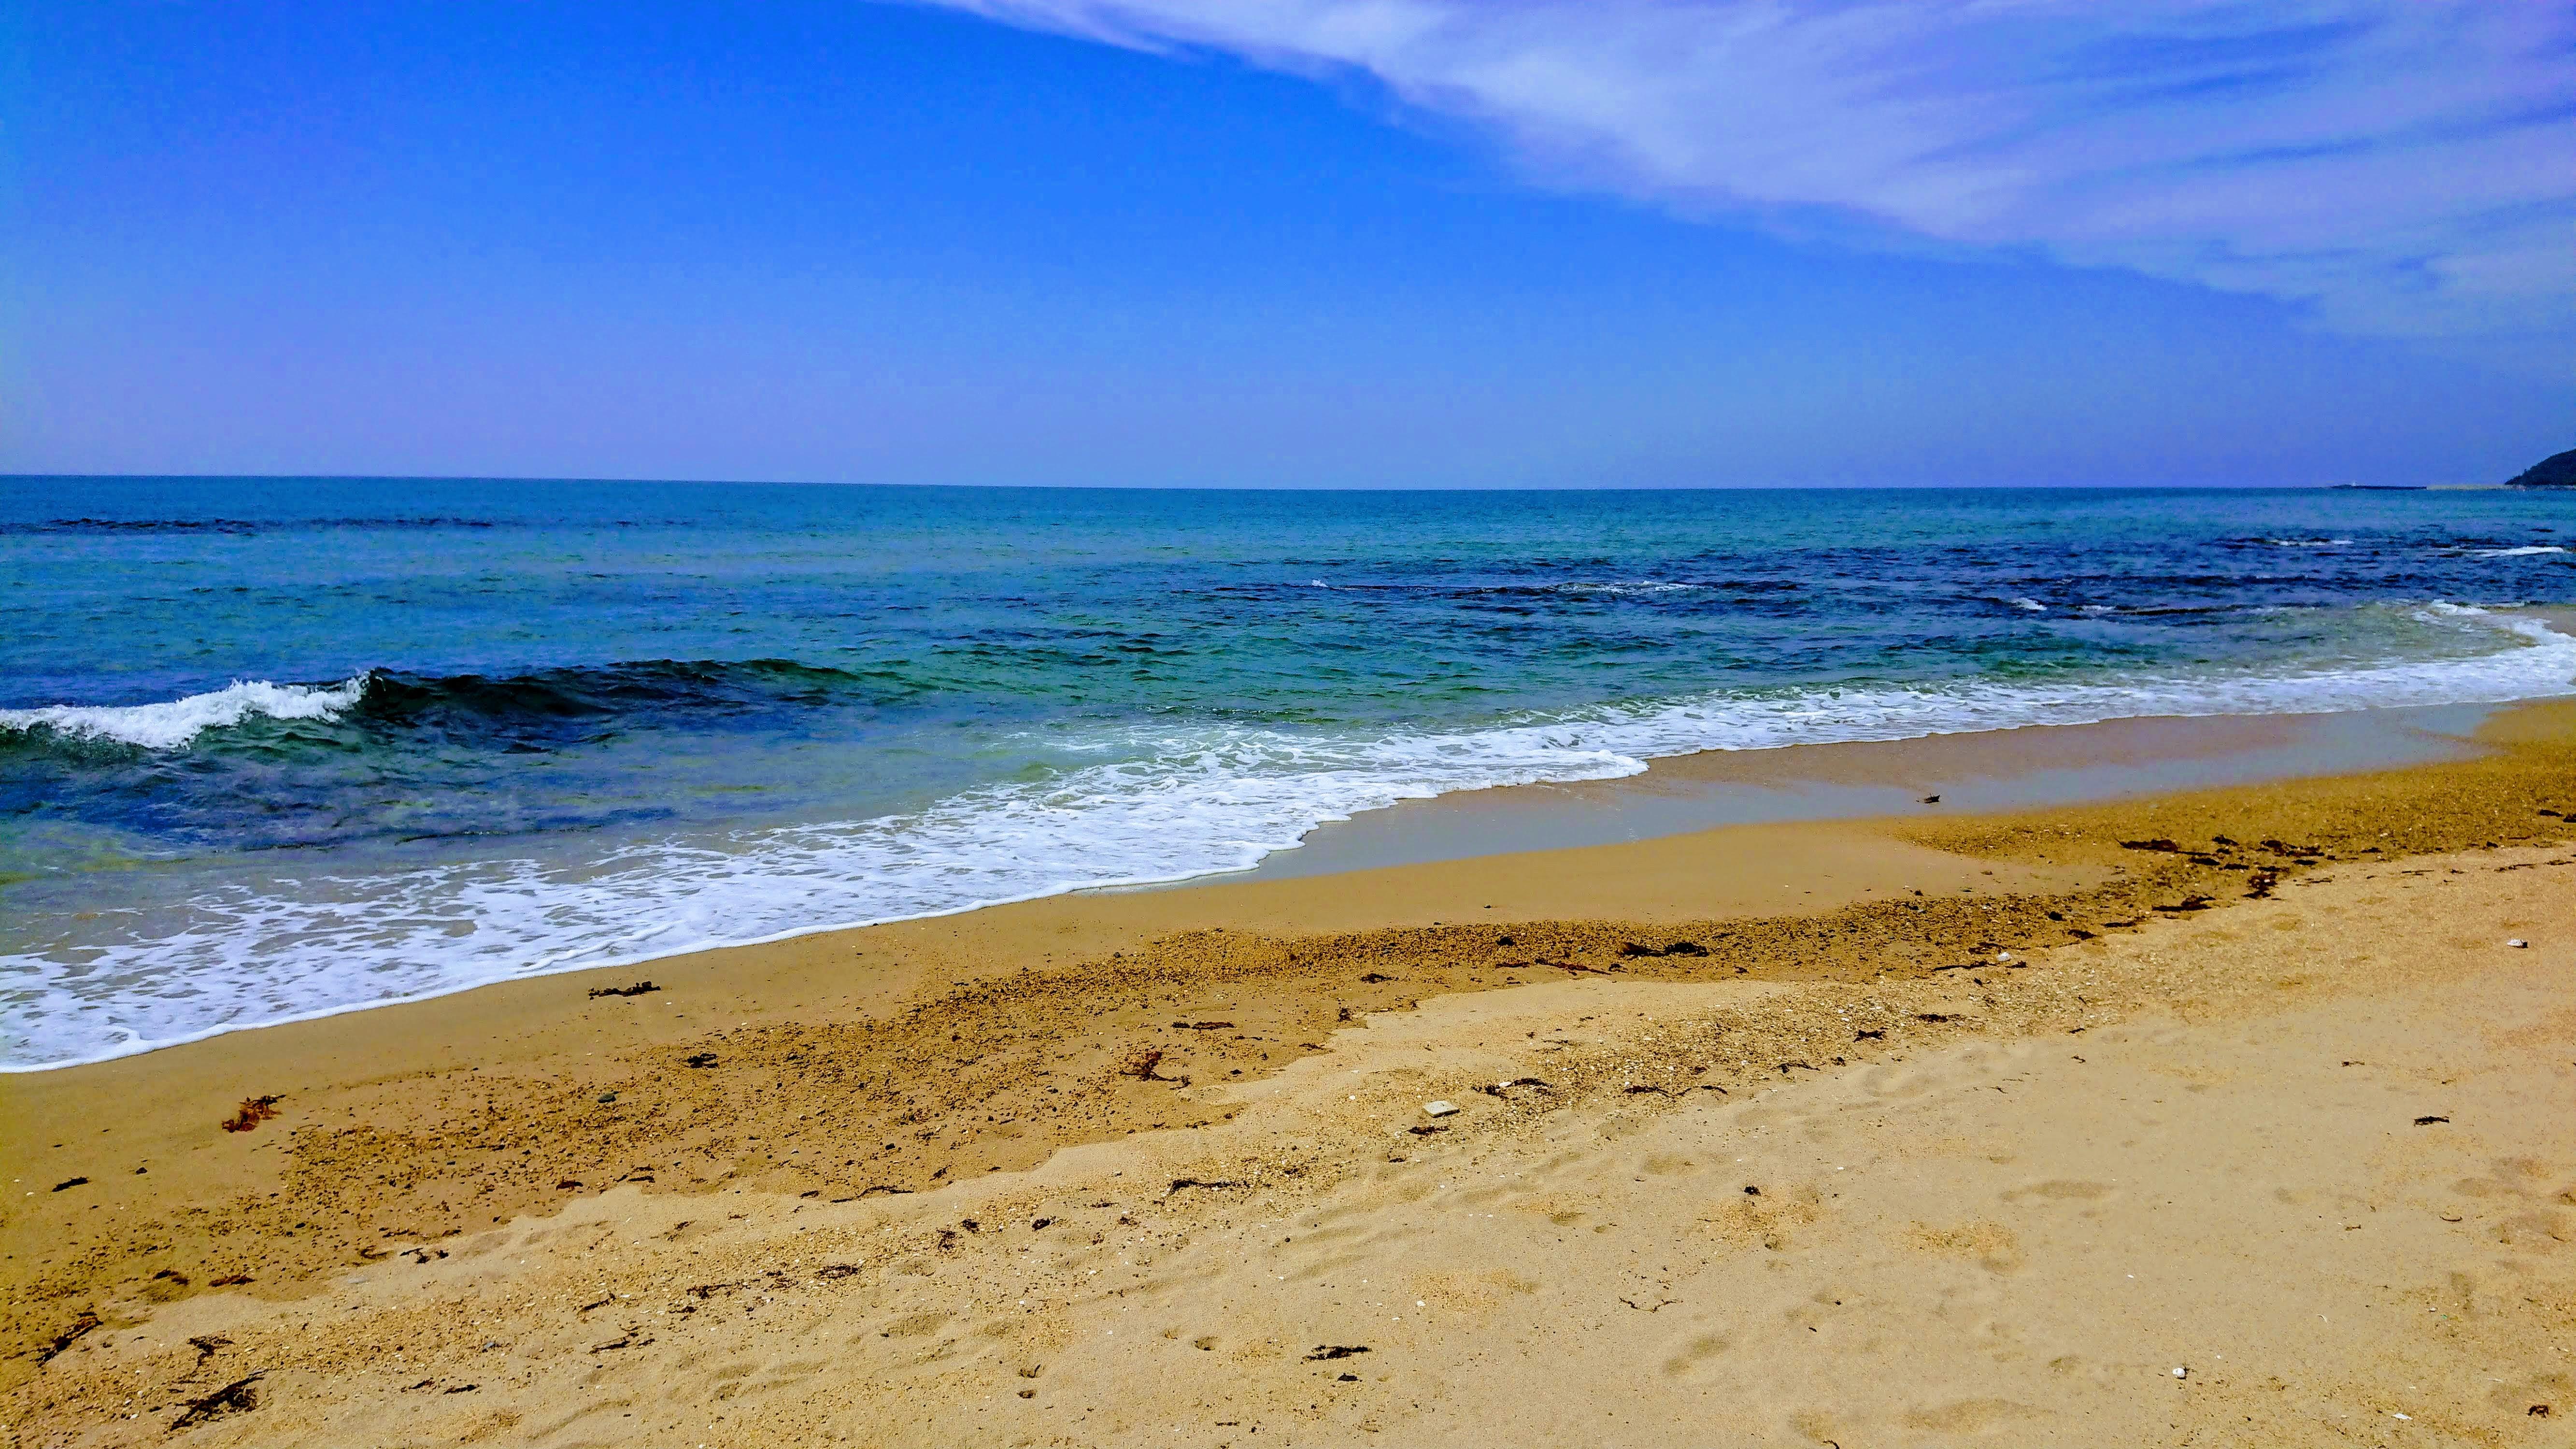 砂浜と海岸